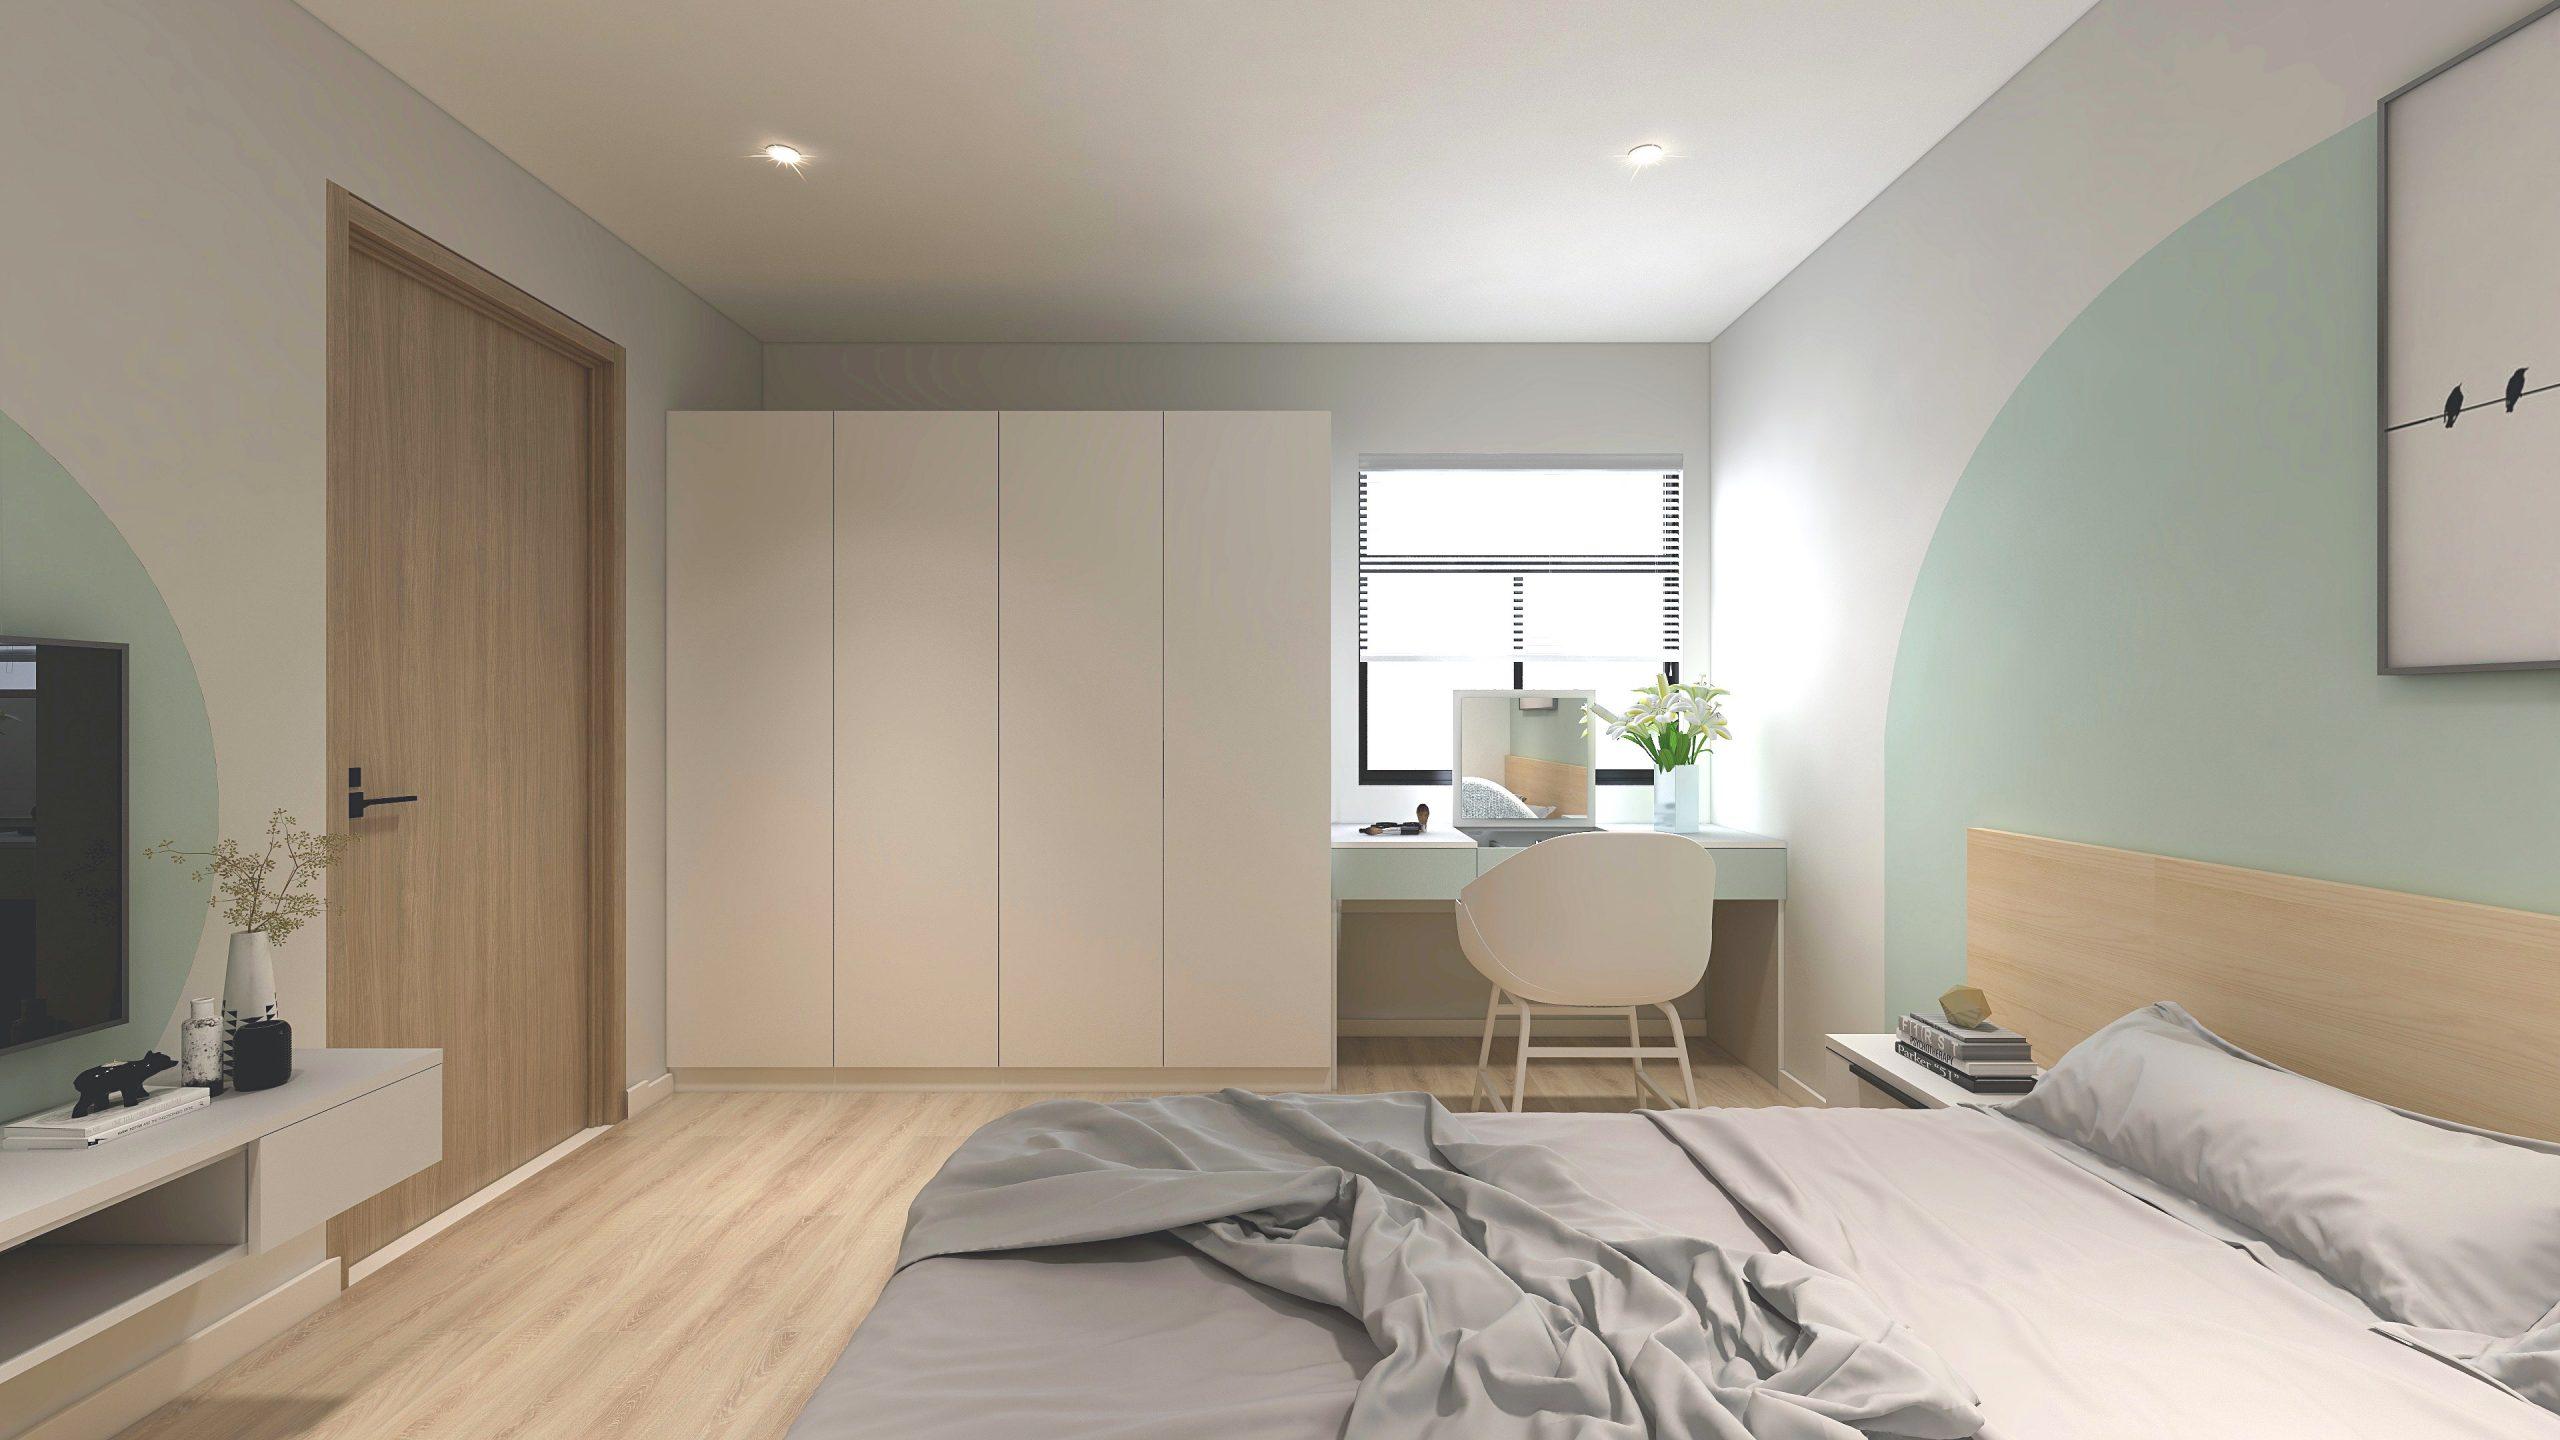 Sử dụng sắc trắng tinh khôi làm tông màu chủ đạo, nhấn nhá chút sắc xanh dịu mát, phòng ngủ vợ chồng trông sẽ dễ chịu hơn